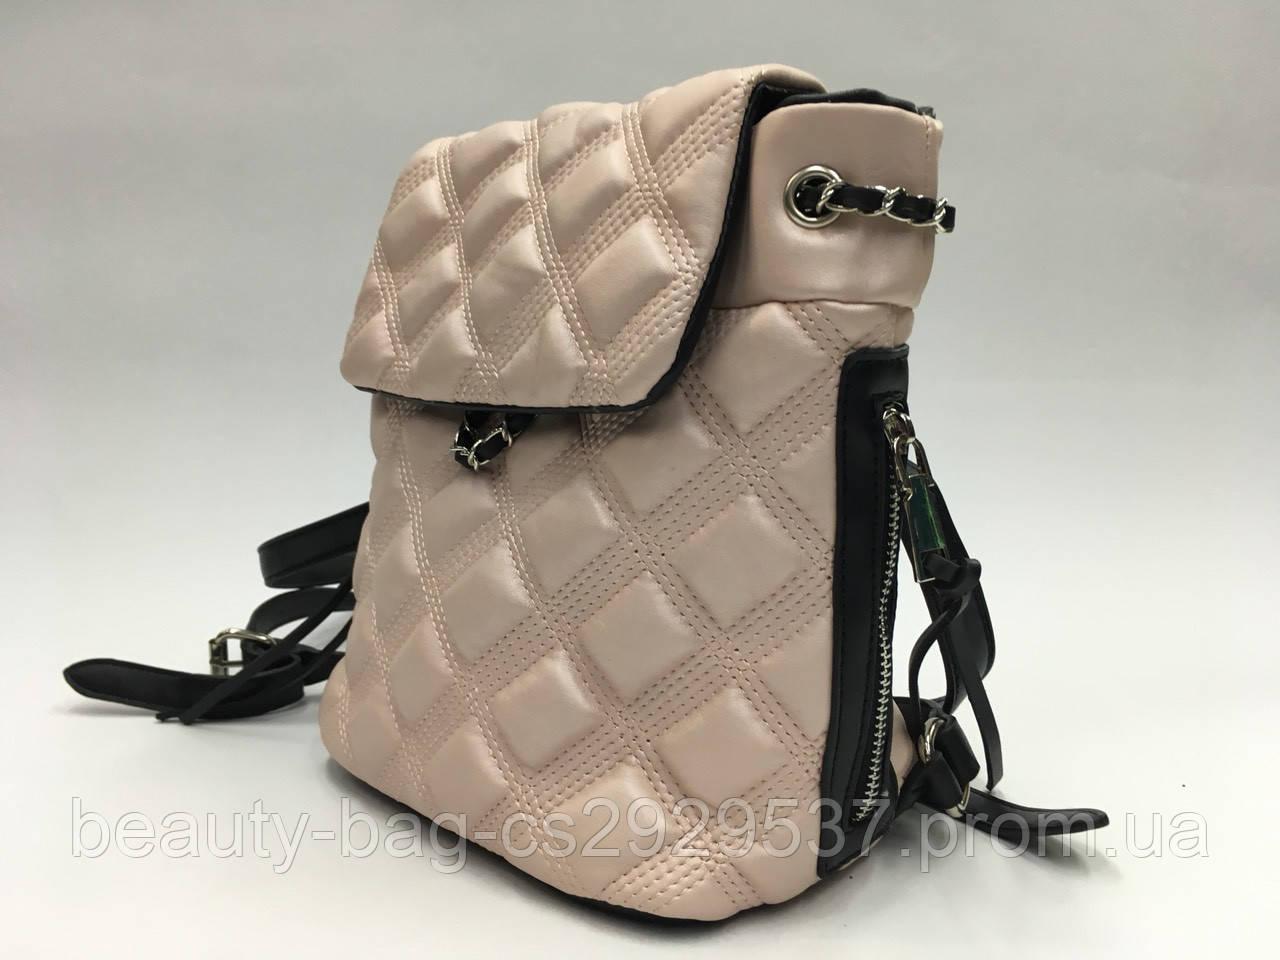 Рюкзак молодежный Vivi А6-В270 Польша Pink metalik светло-серый/розовый